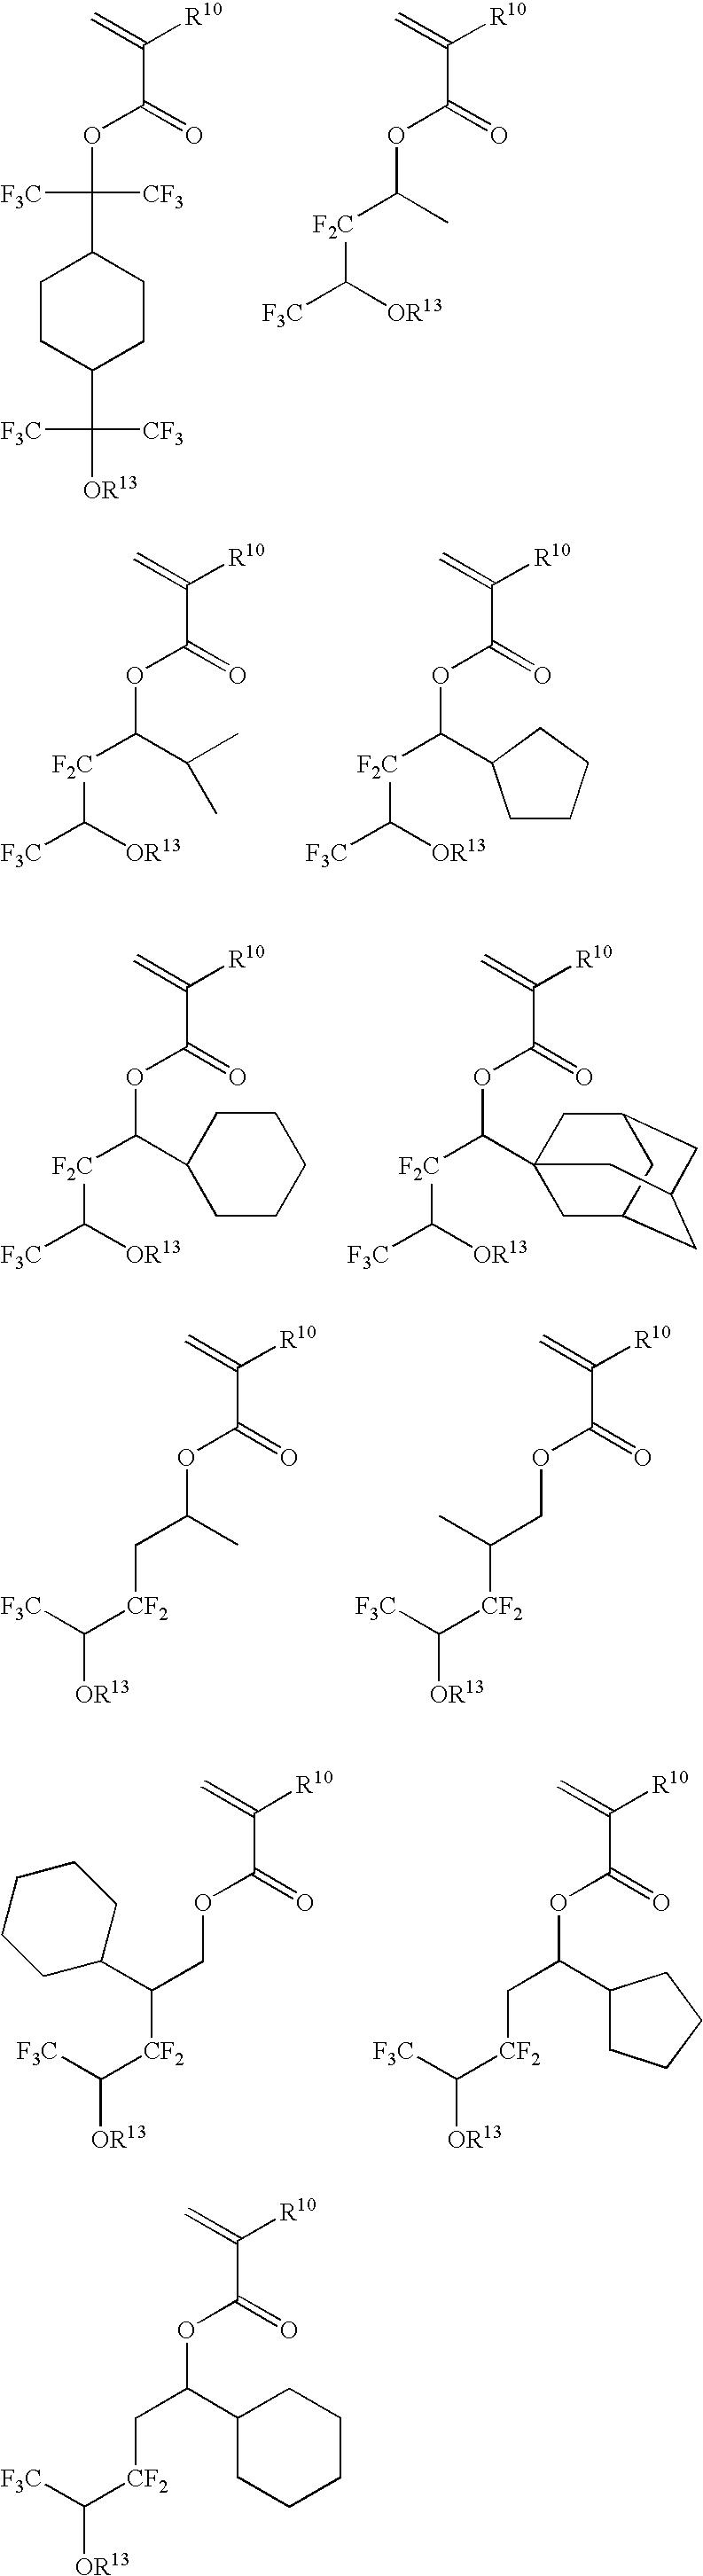 Figure US20090011365A1-20090108-C00027